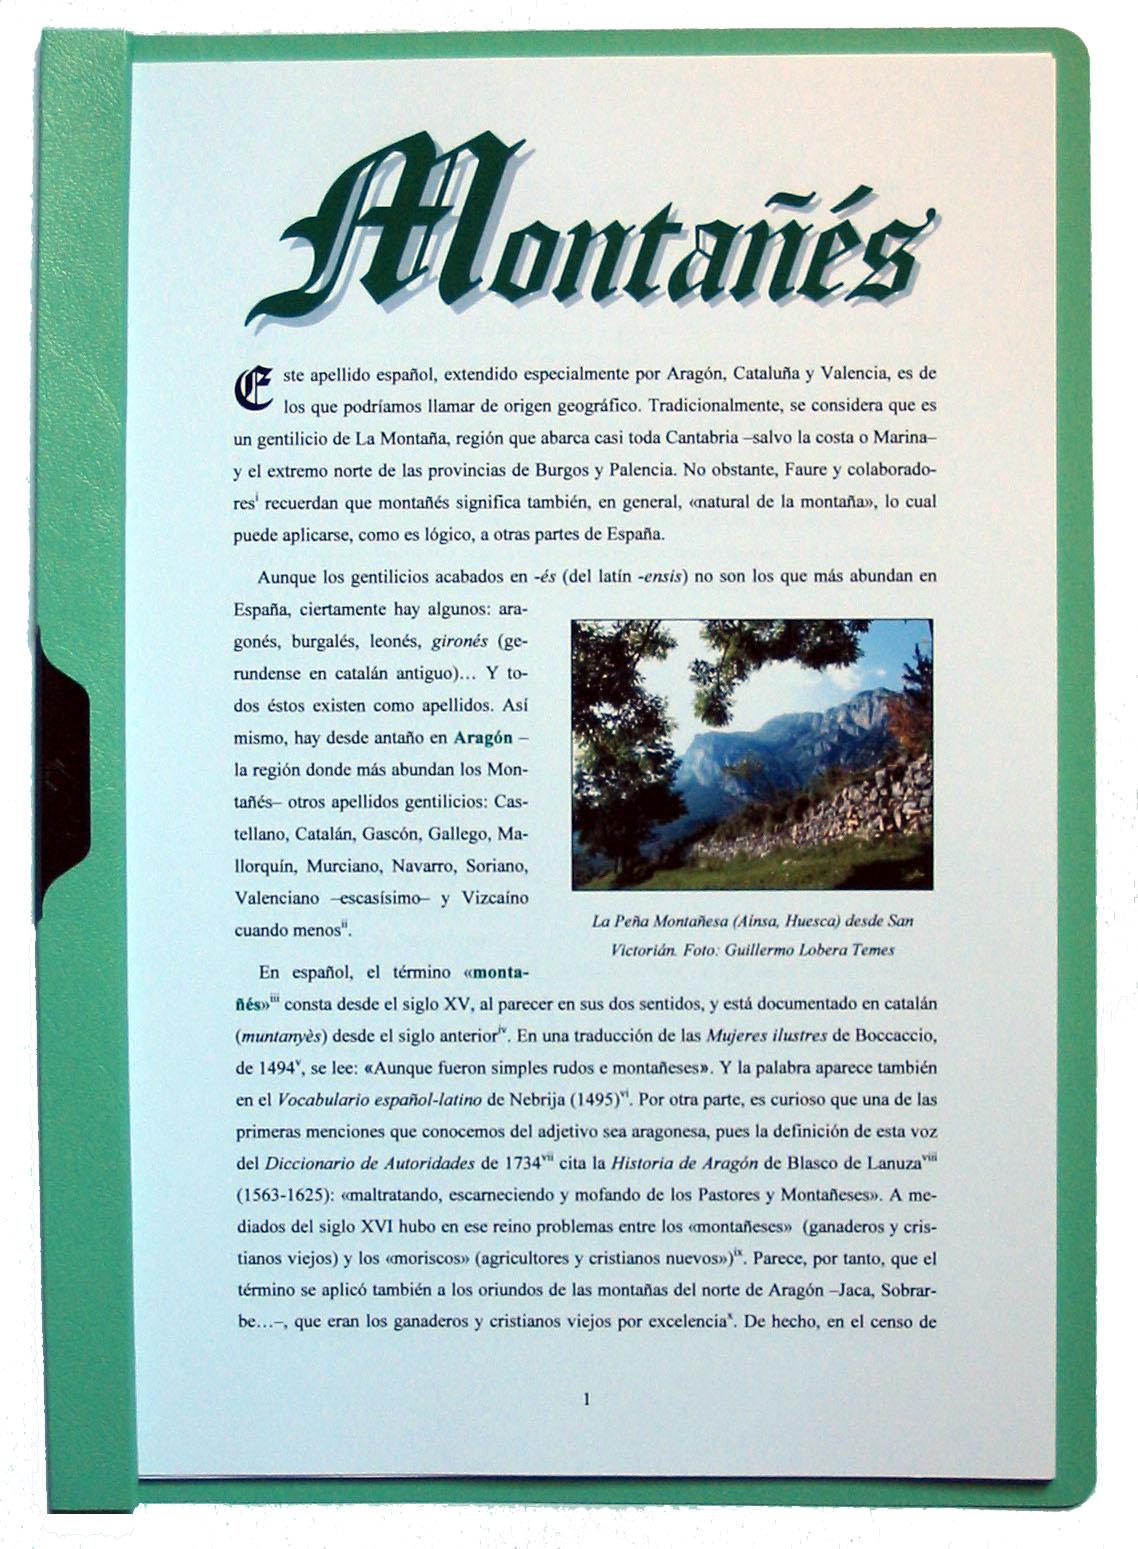 Fotograf�a de la portada del apellido Monta��s. Pulsa encima para ampliar la imagen (334 kb).